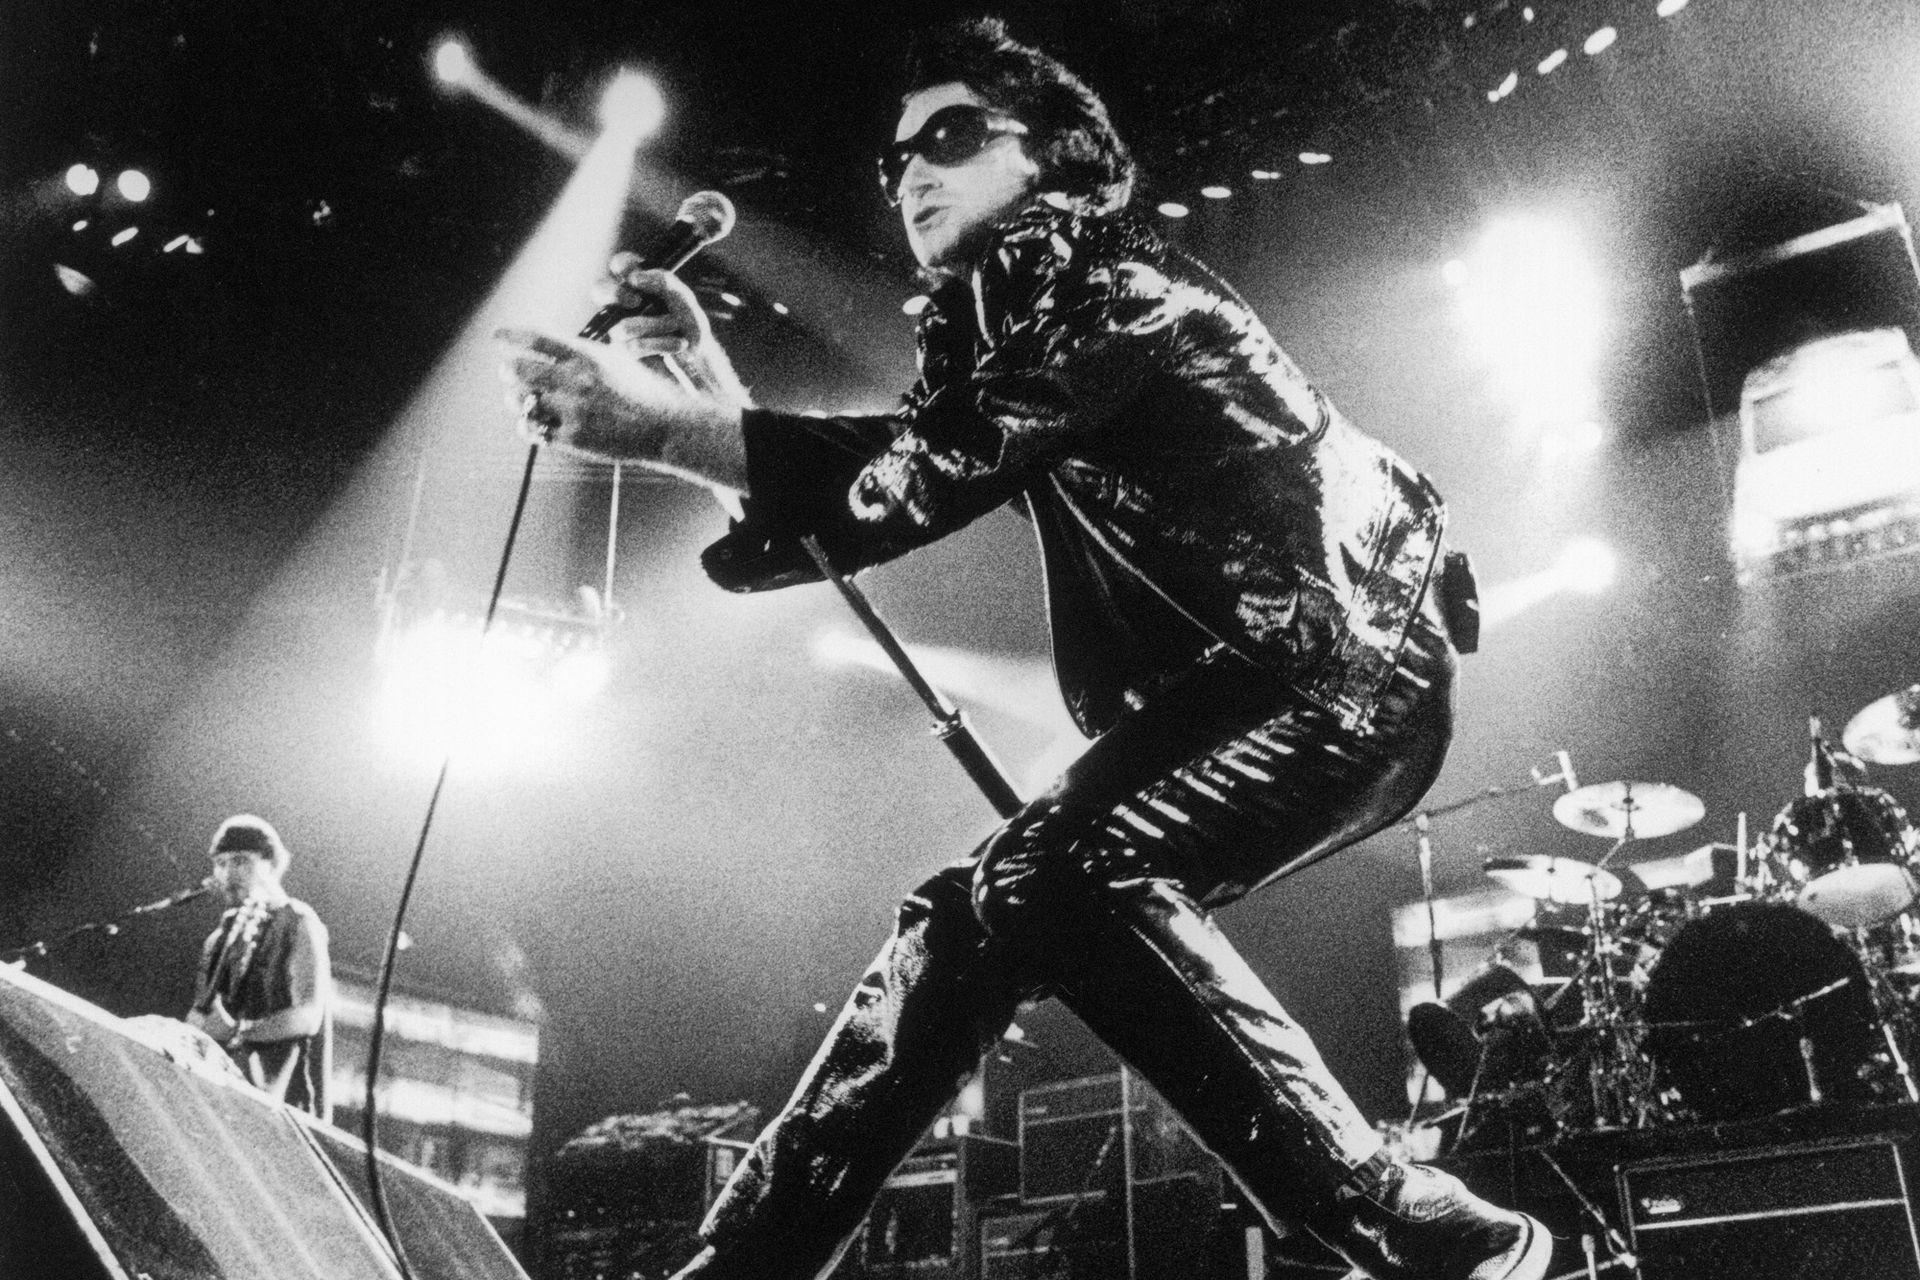 """U2/Gira Zoo TV/1992-93: Para el tour de Achtung Baby, los U2 estaban listos para relajarse y armar una fiesta bailable pero subversiva, repleta de imágenes multimedia con las que se distanciaban de la pureza de sus sets en vivo de los 80. """"La gira fue concebida al mismo tiempo que el disco"""", recordó"""